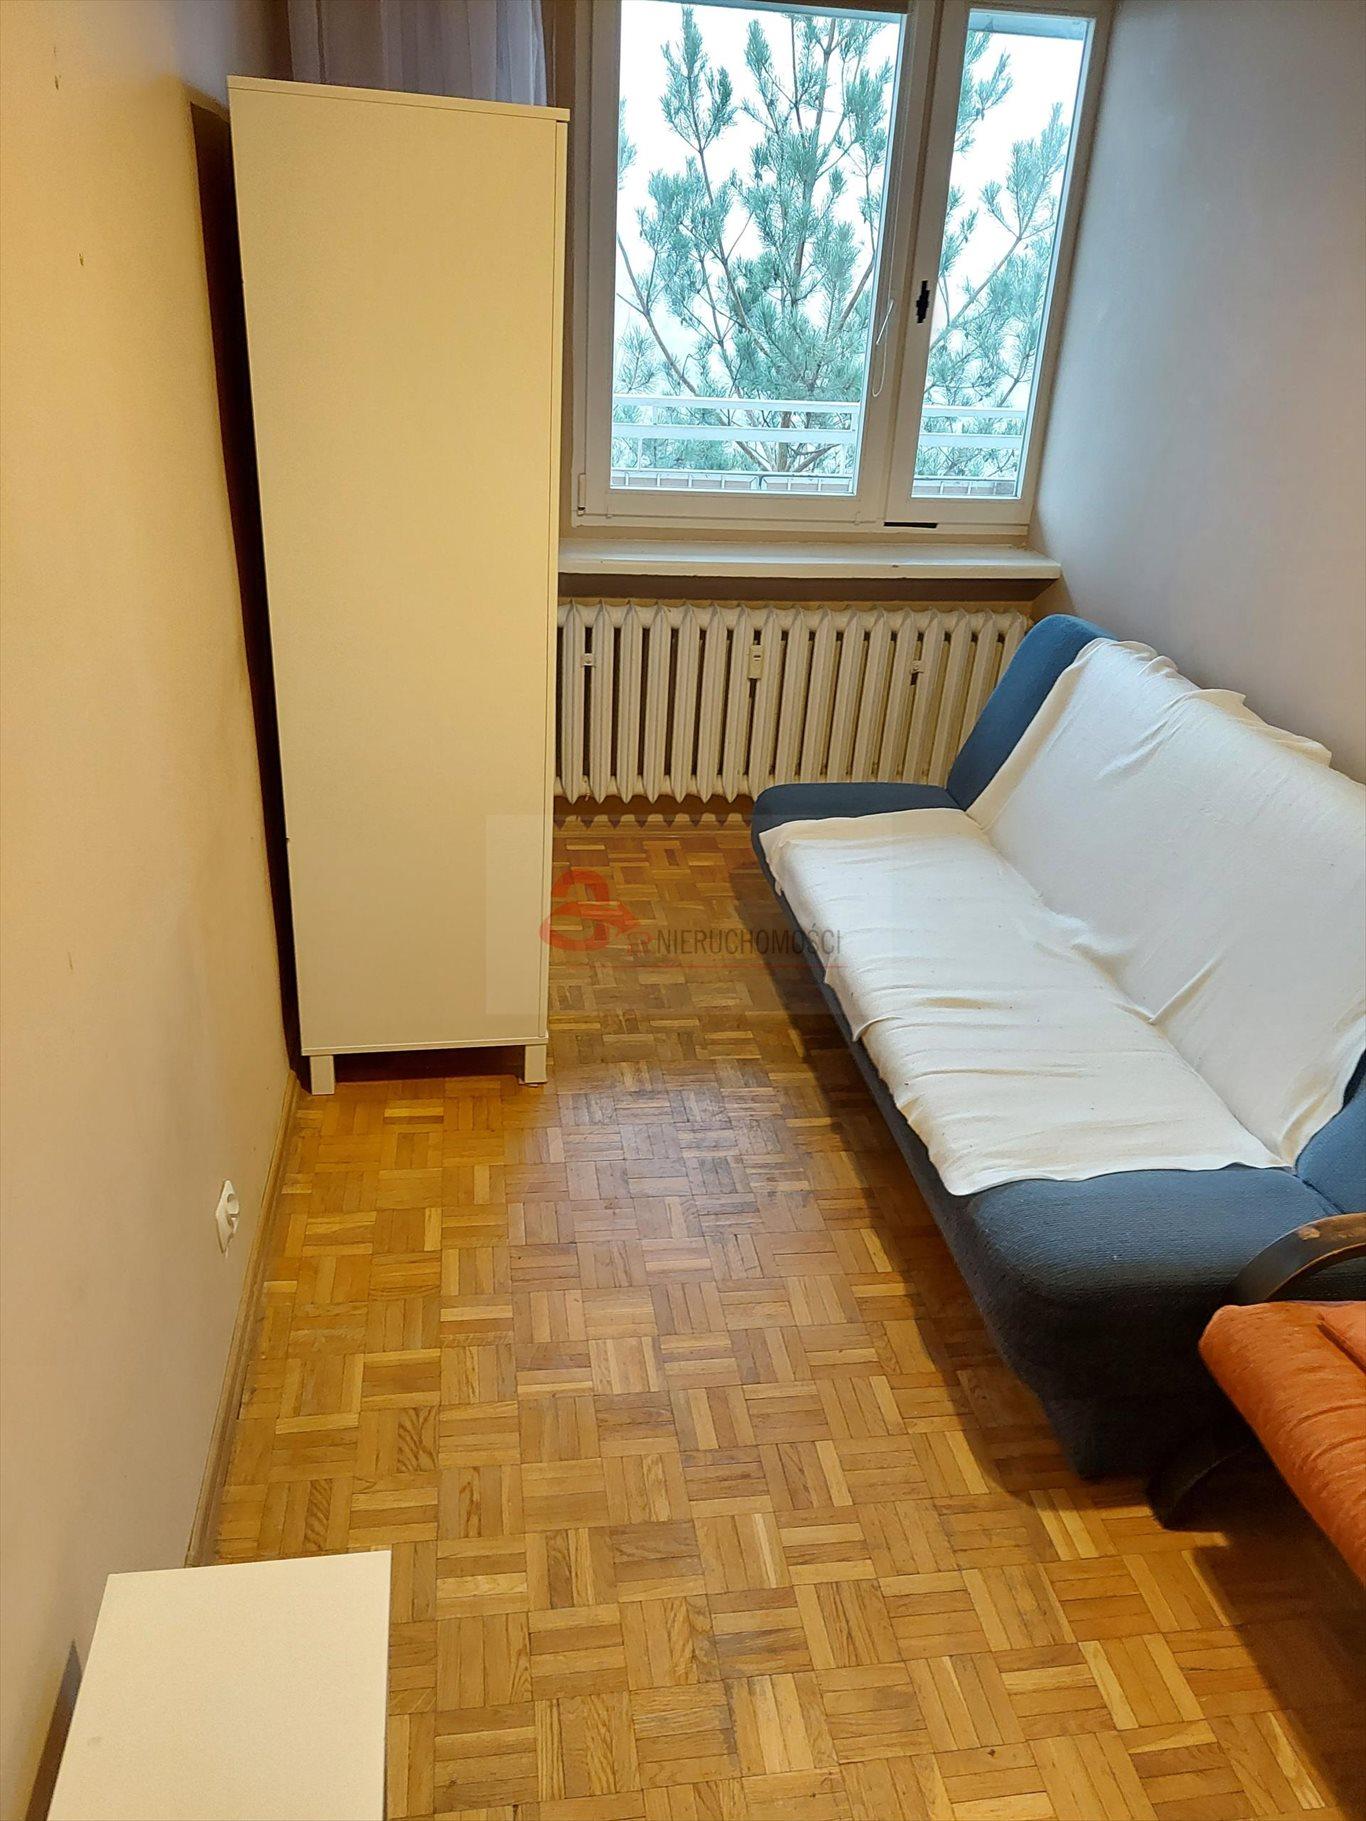 Mieszkanie trzypokojowe na sprzedaż Poznań, Poznań-Stare Miasto, Piątkowo, os. Bolesława Chrobrego  50m2 Foto 8